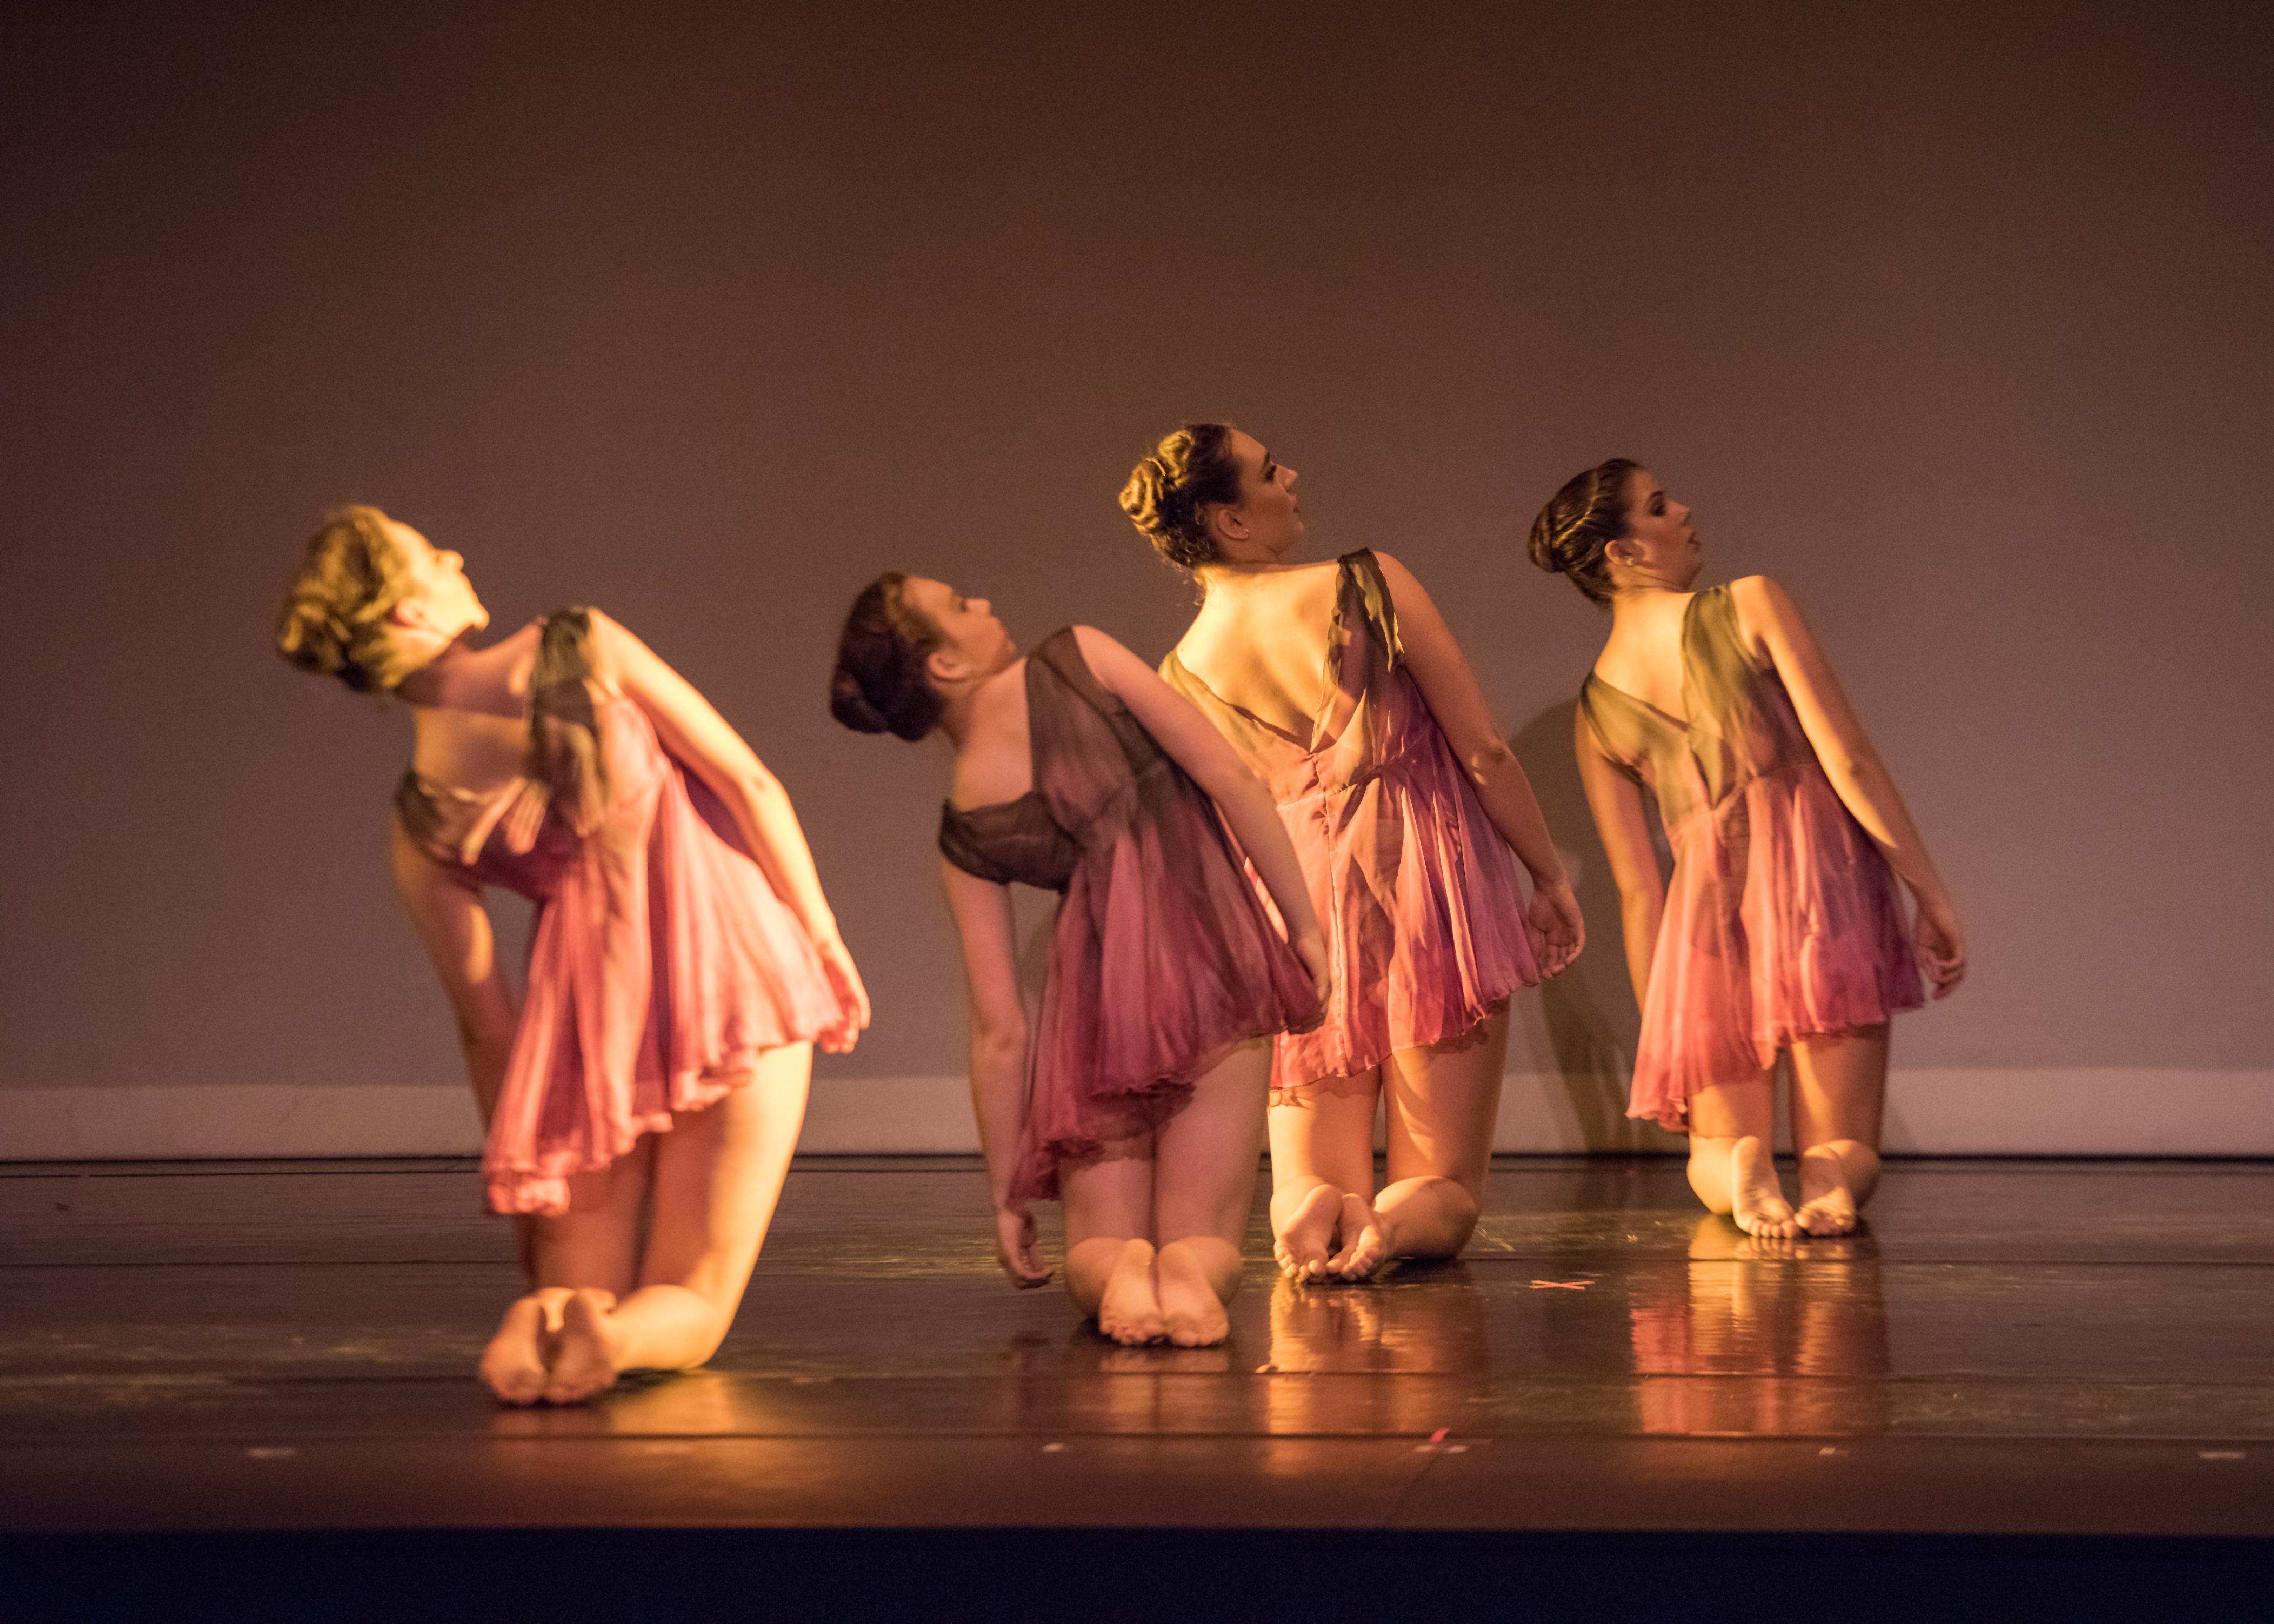 NOLA DANCE PROJECT